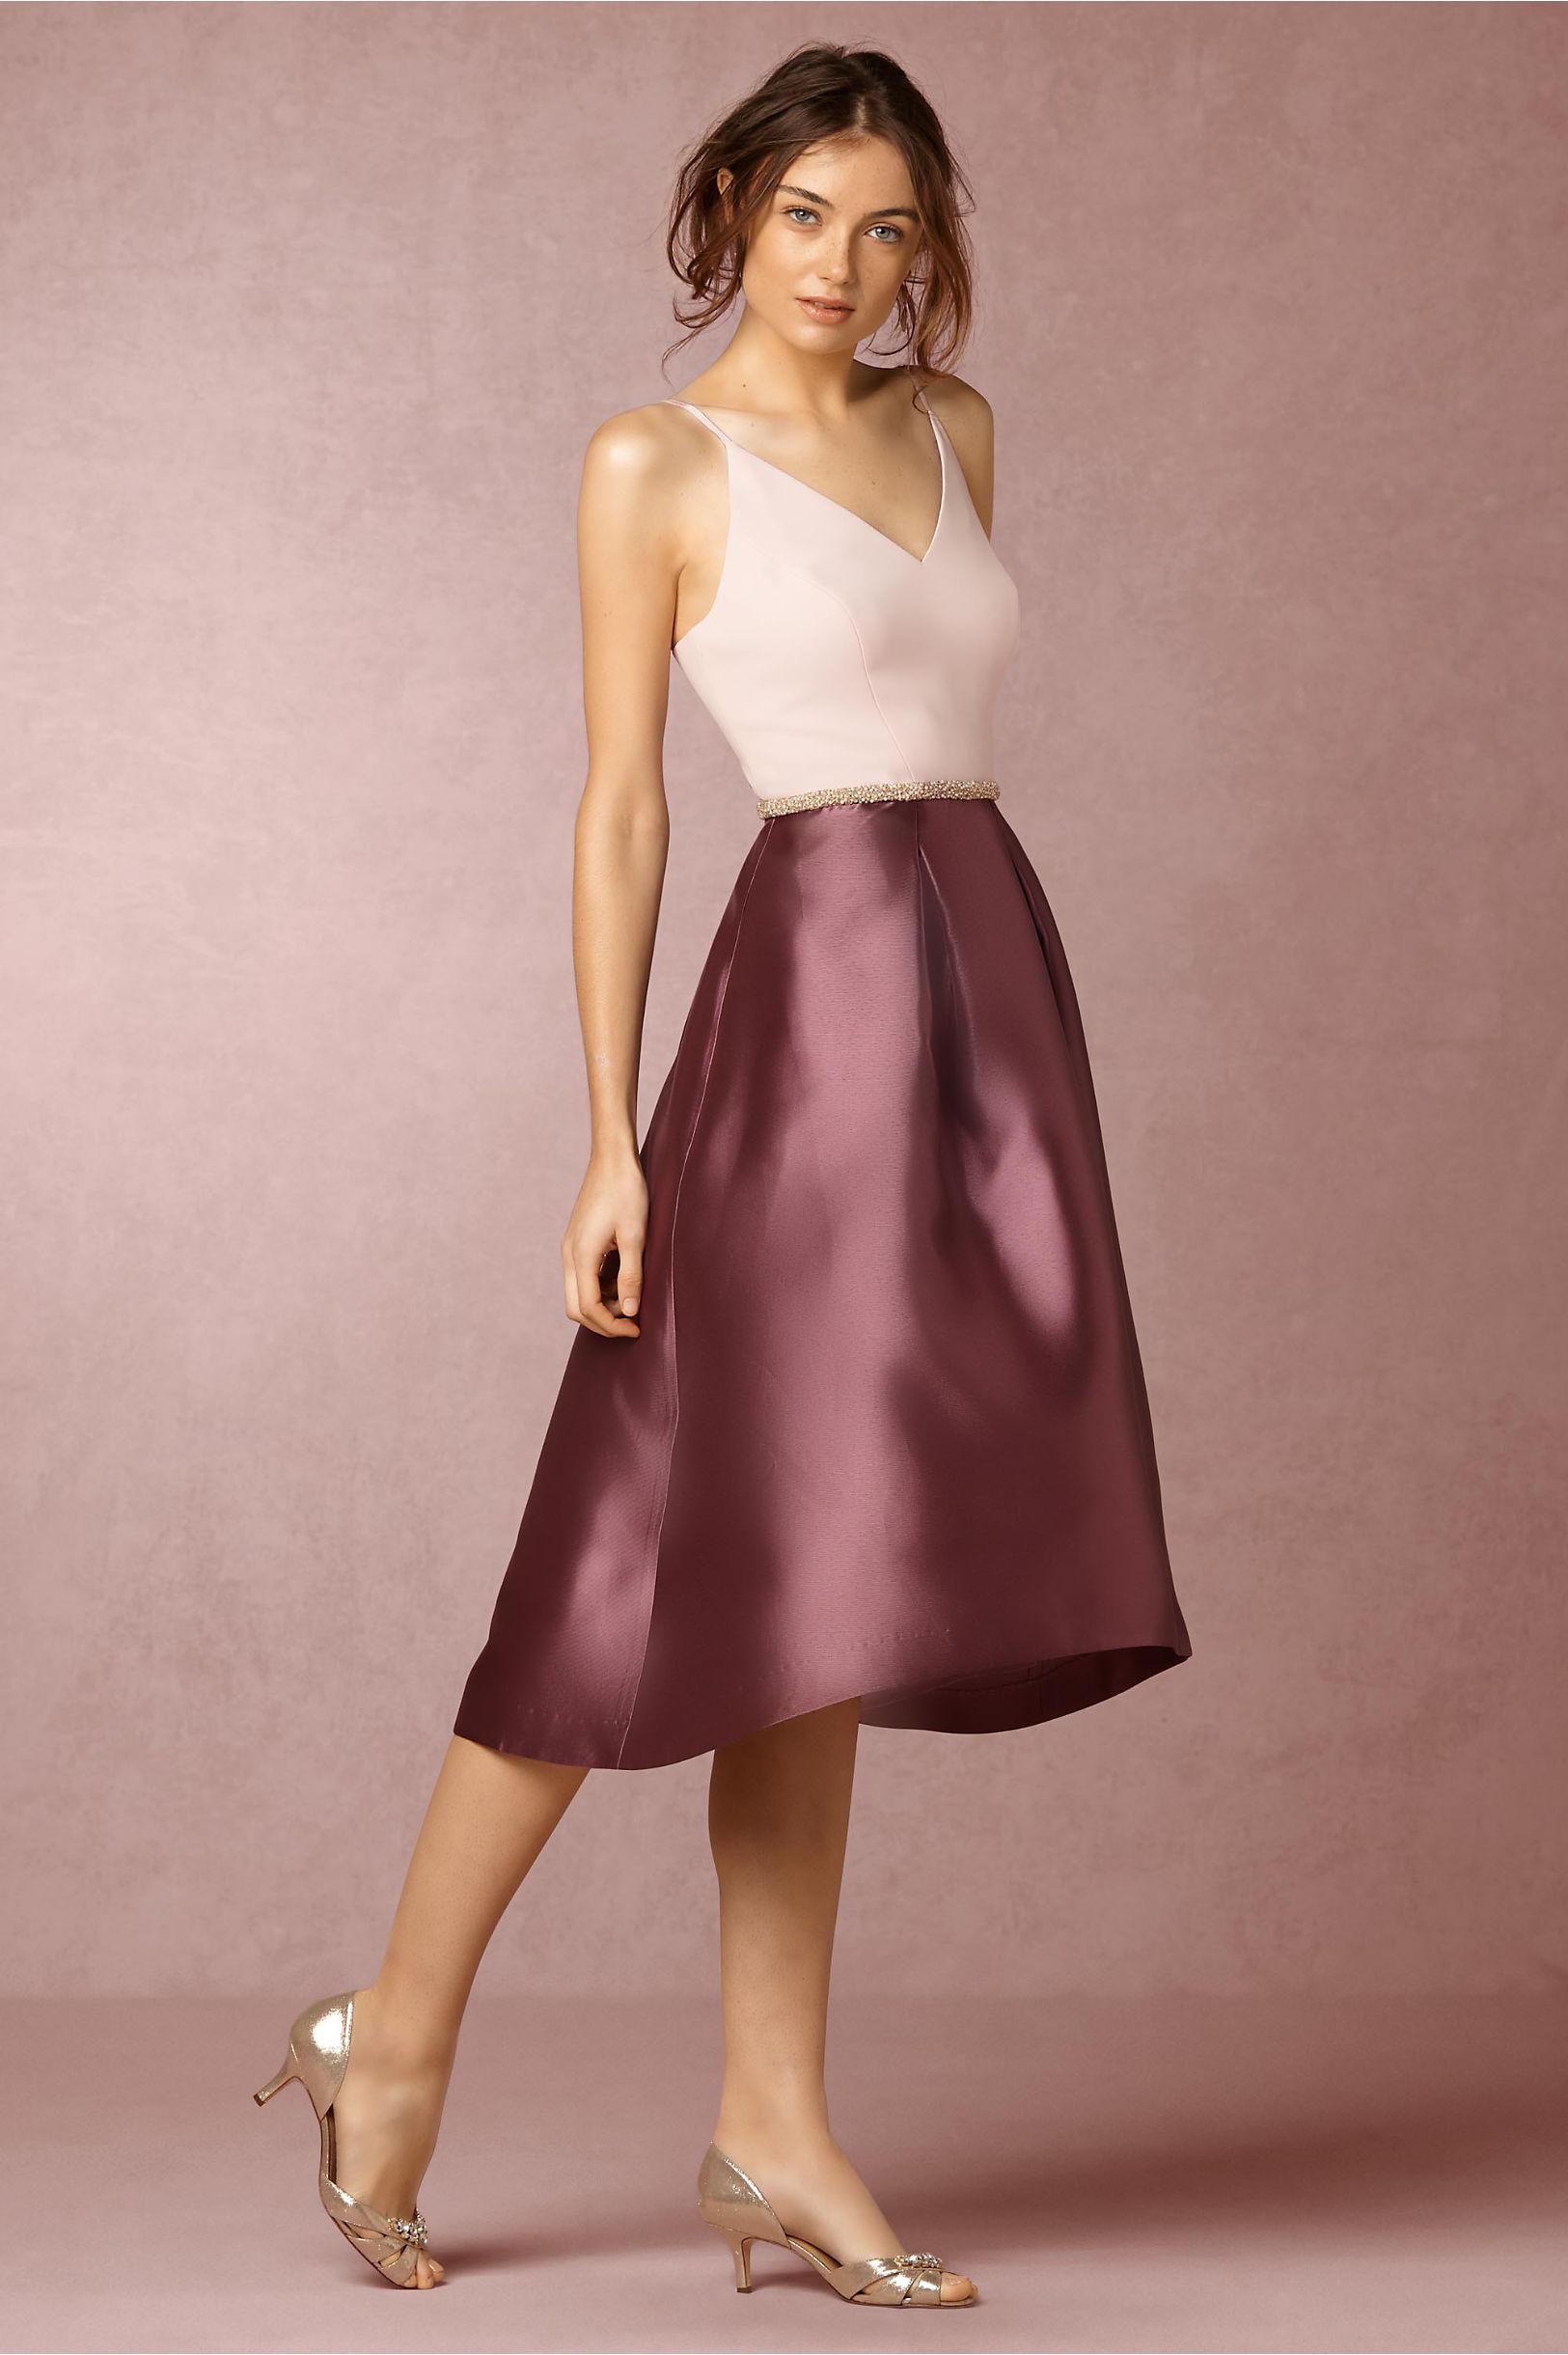 Romy Dress in Occasion Dresses | BHLDN